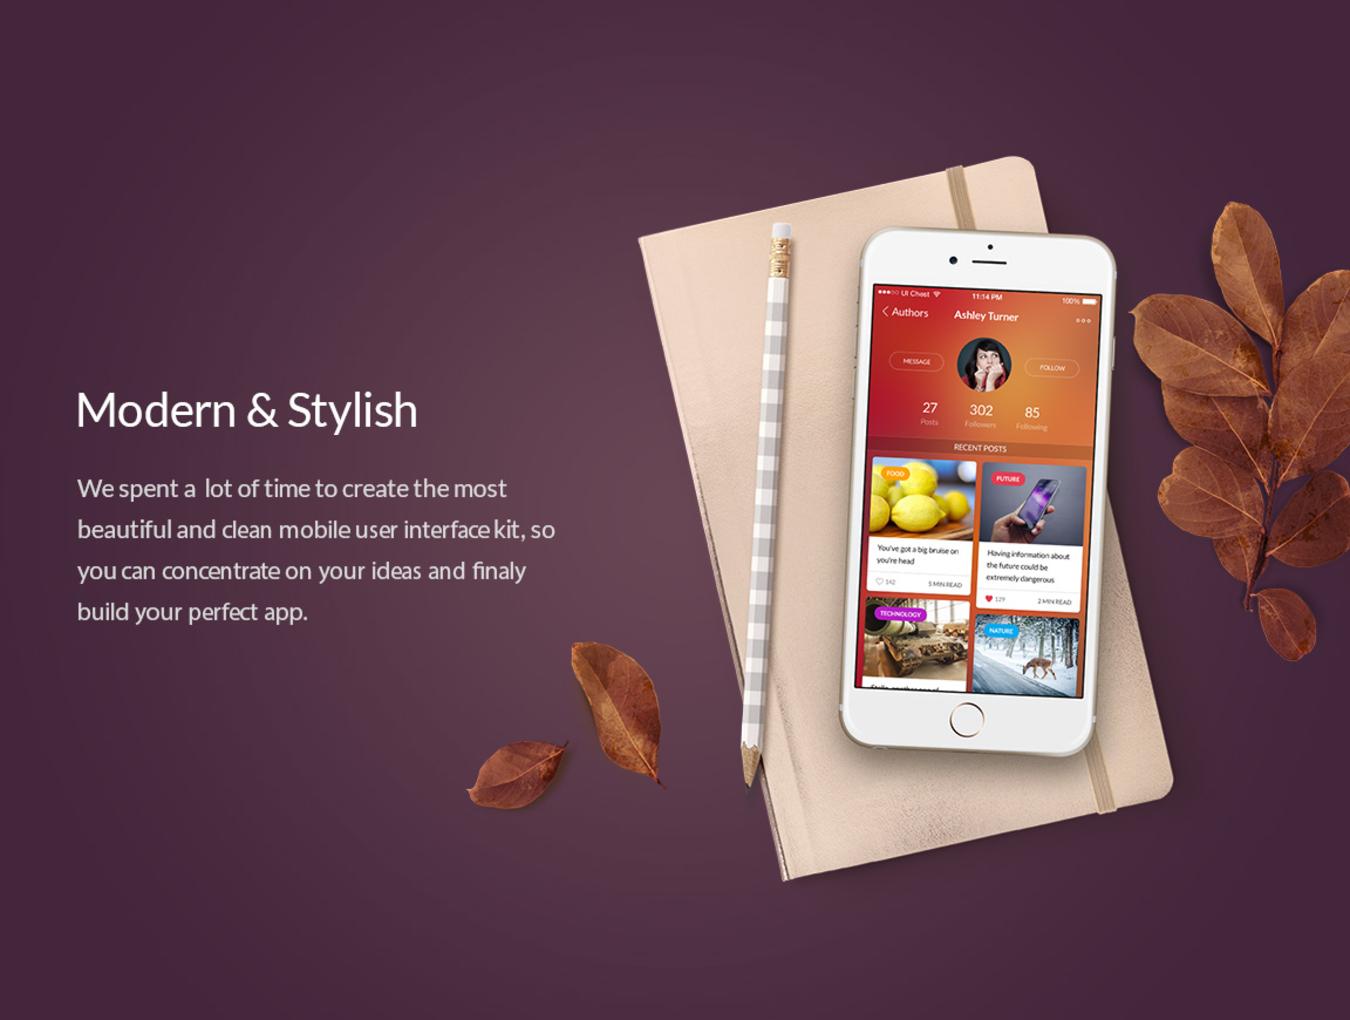 多功能在线购物摄影社交软件APP UI设计模板套件 Chameleon UI Kit插图(1)